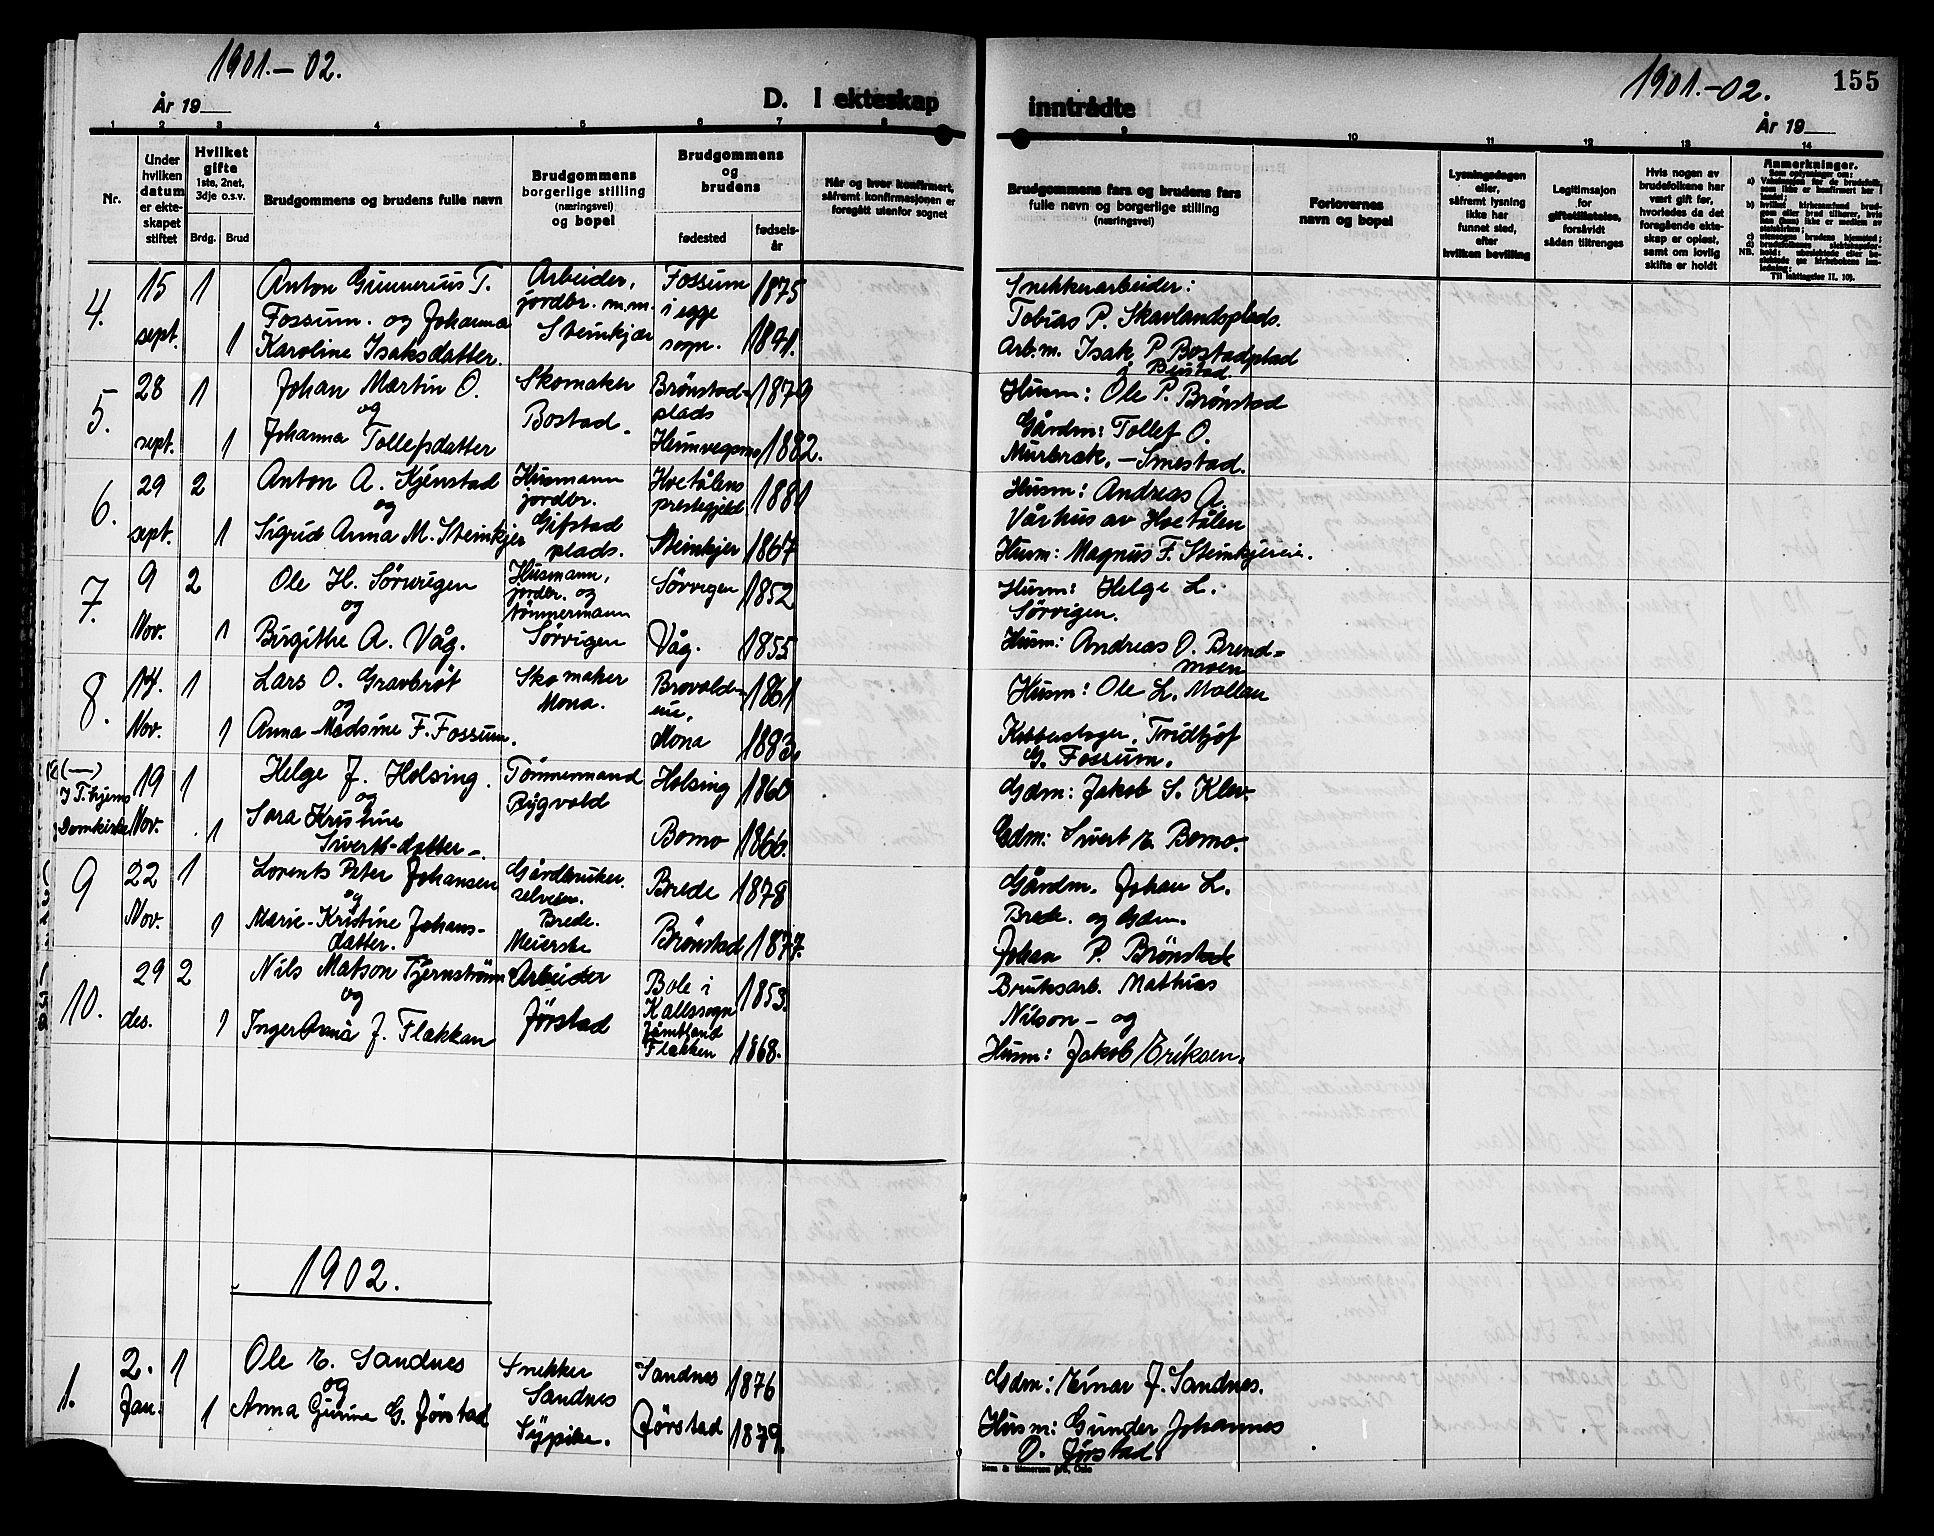 SAT, Ministerialprotokoller, klokkerbøker og fødselsregistre - Nord-Trøndelag, 749/L0487: Ministerialbok nr. 749D03, 1887-1902, s. 155